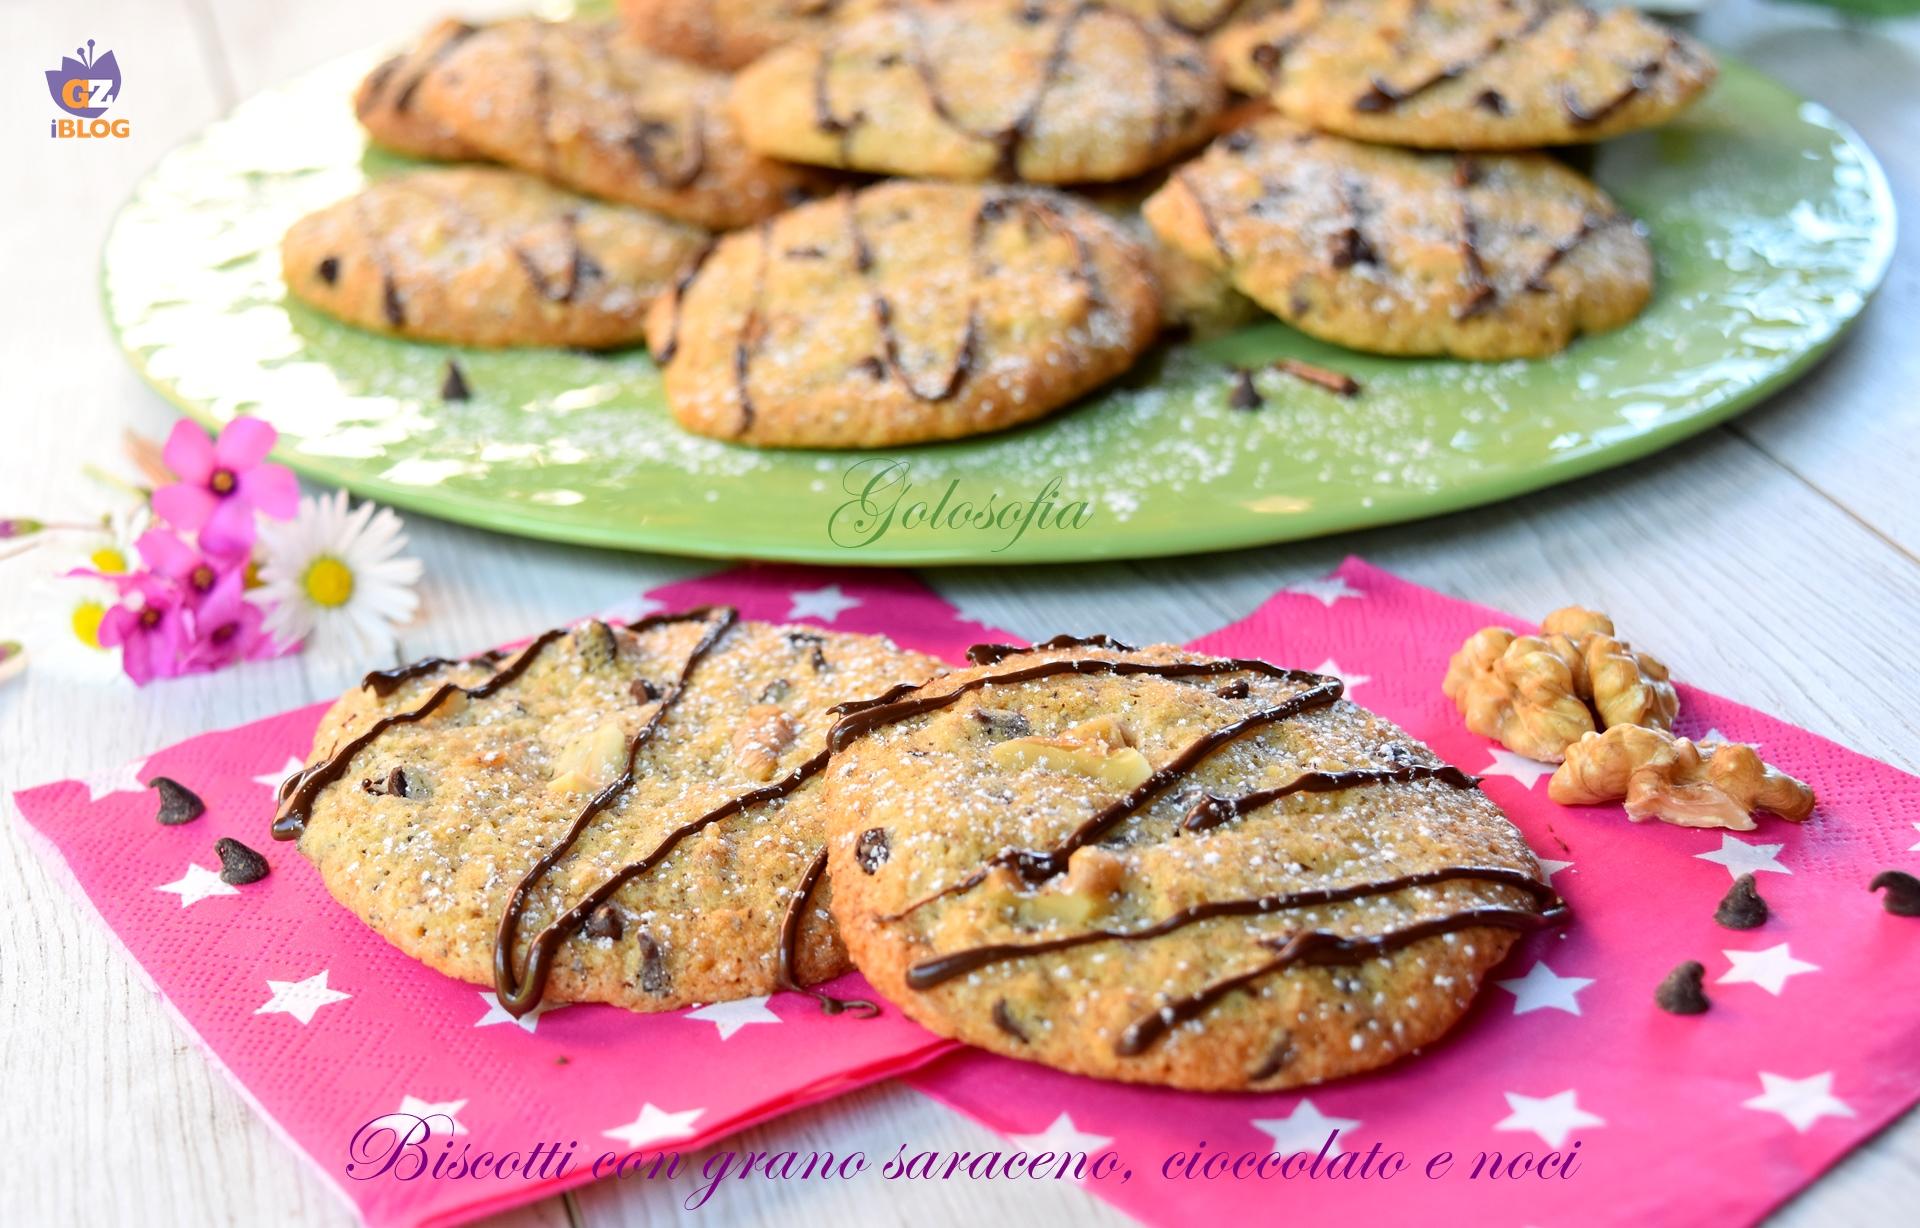 Biscotti con grano saraceno, cioccolato e noci-ricetta dolci-golosofia